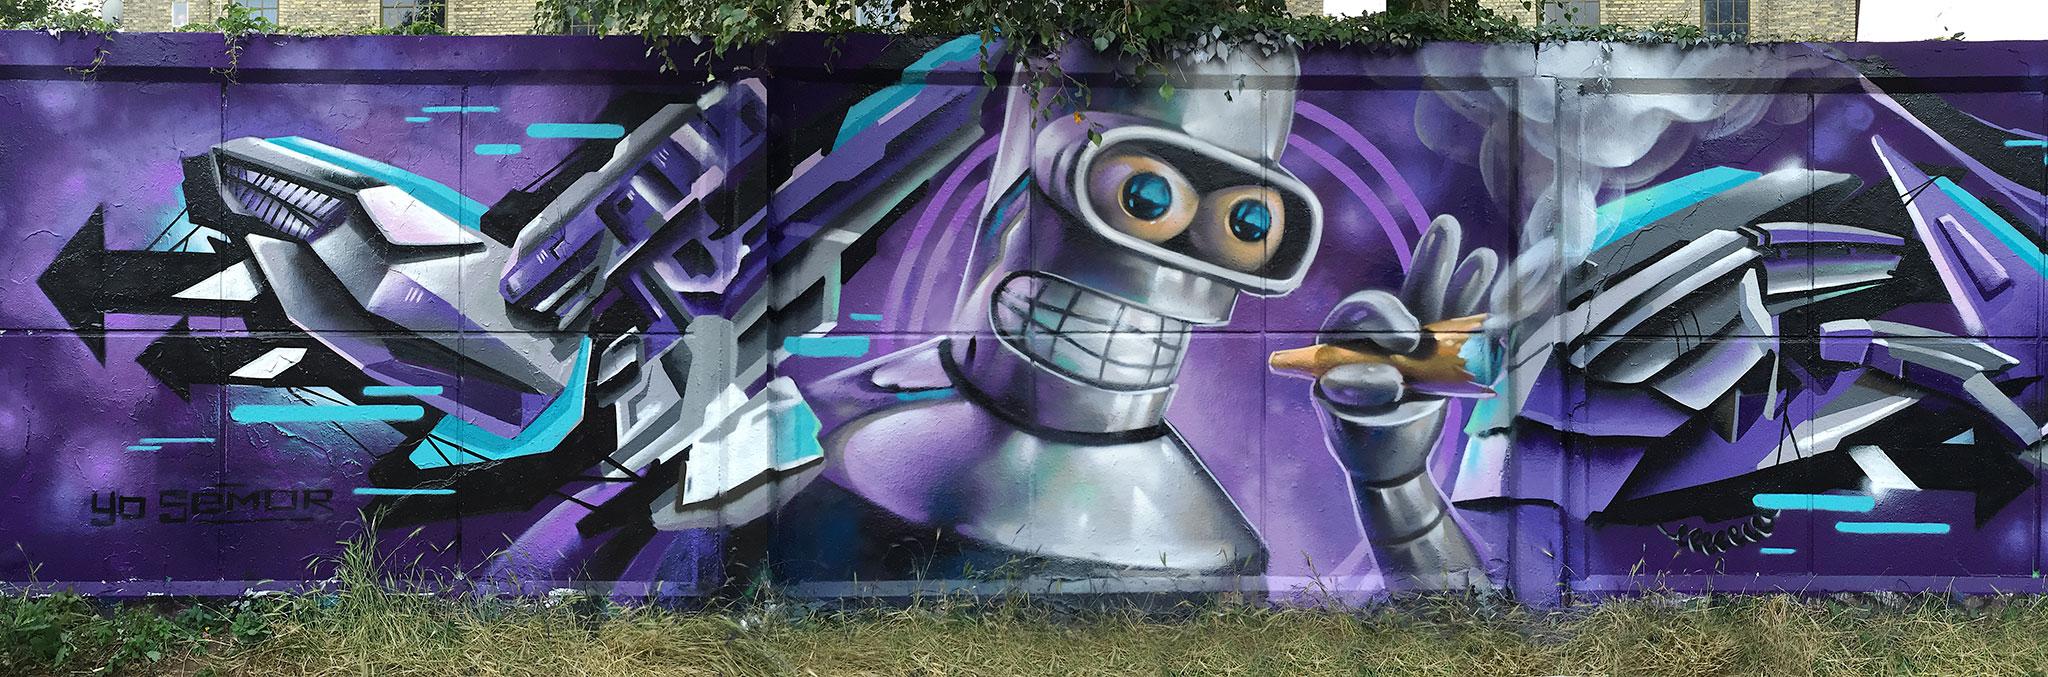 _shogun_graffiti_welin_copenhagen_2016_2